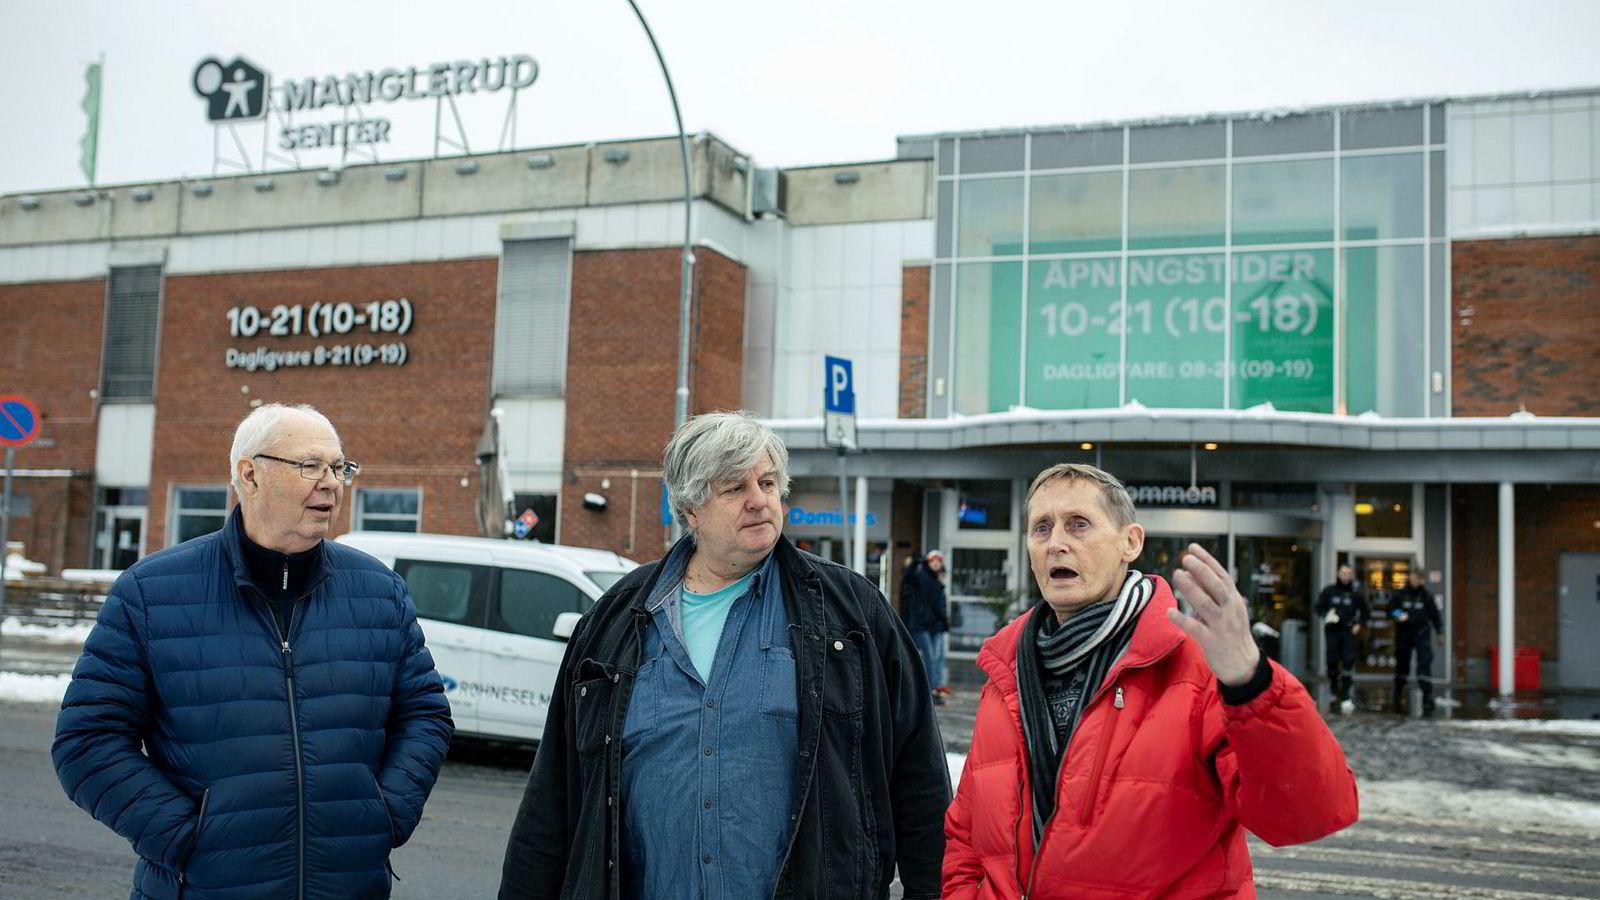 Pensjonistkameratene Terje Caspersen (fra venstre), Kai Lind og Erik Hamre møtes jevnlig over en kopp kaffe på Manglerudsenteret som er et av mange kjøpesentre som hadde fallende omsetning i årets tre første kvartaler. – En gang hadde Manglerudsenteret den høyeste omsetningen per kvadratmeter i Norge. Det er en stund siden, sier Kai Lind.